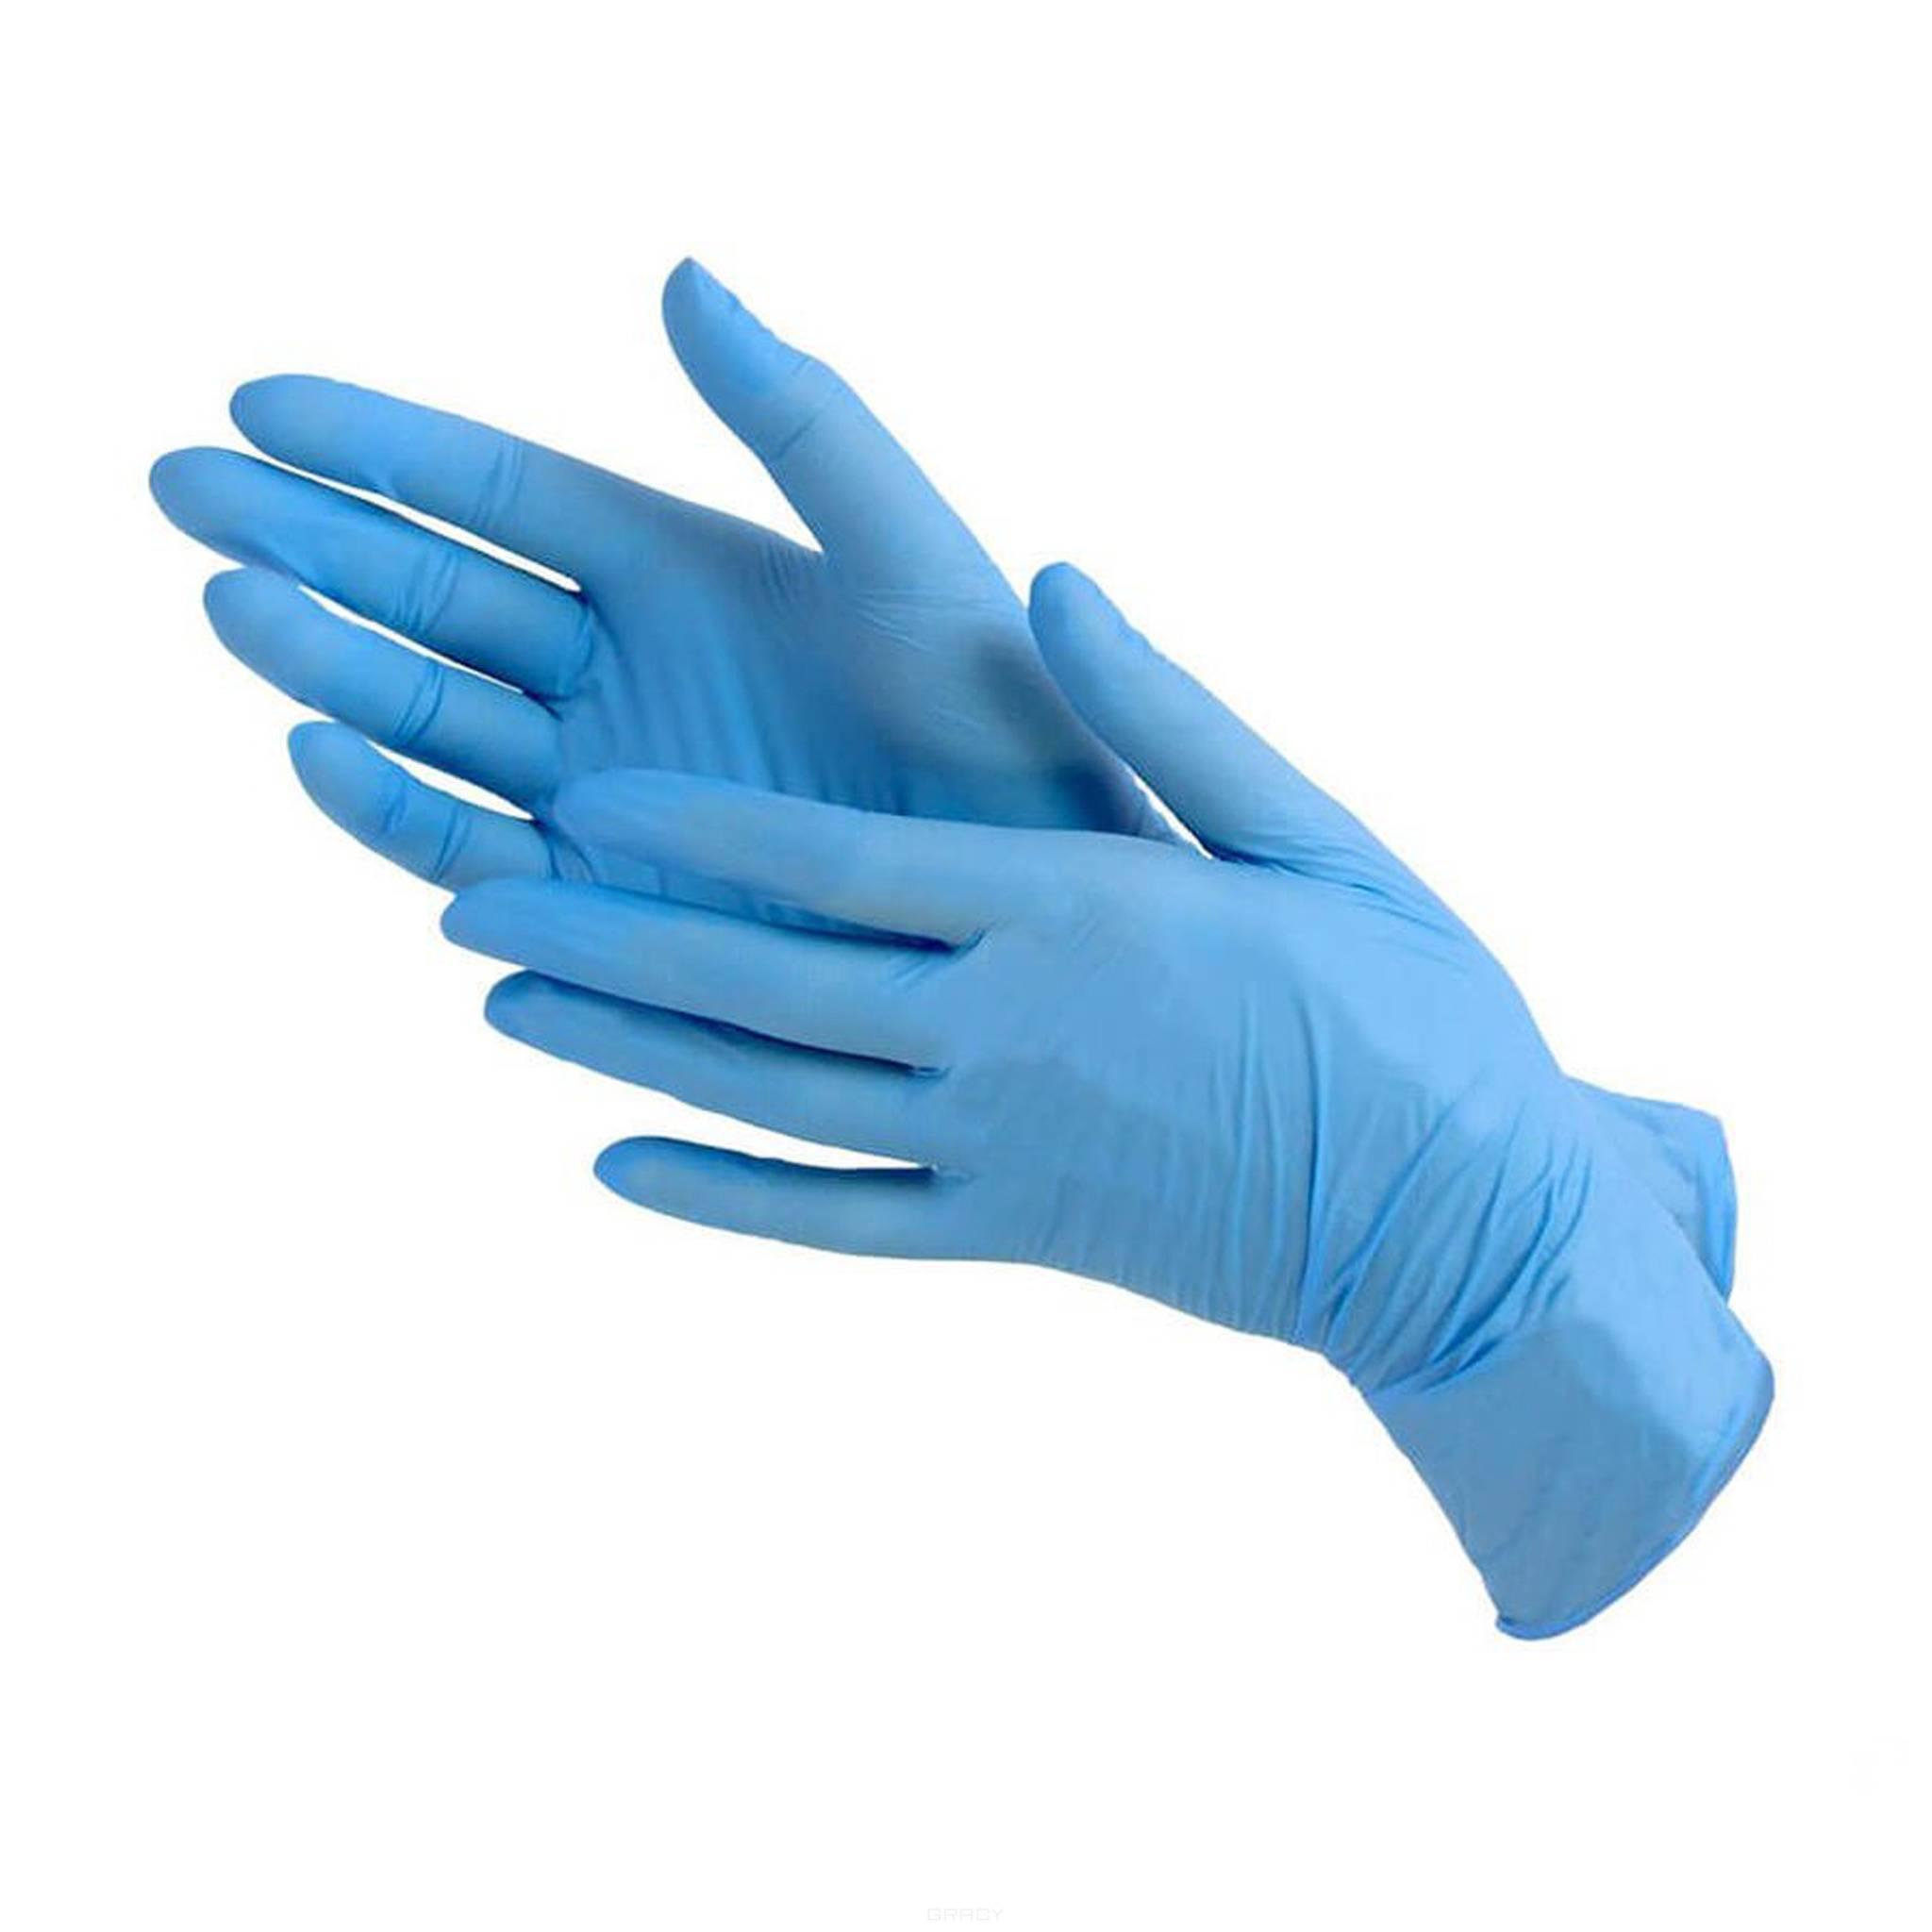 Igrobeauty, Перчатки нитриловые нестерильные одноразовые без талька, 100 шт./уп, Размер M, шт, голубые.